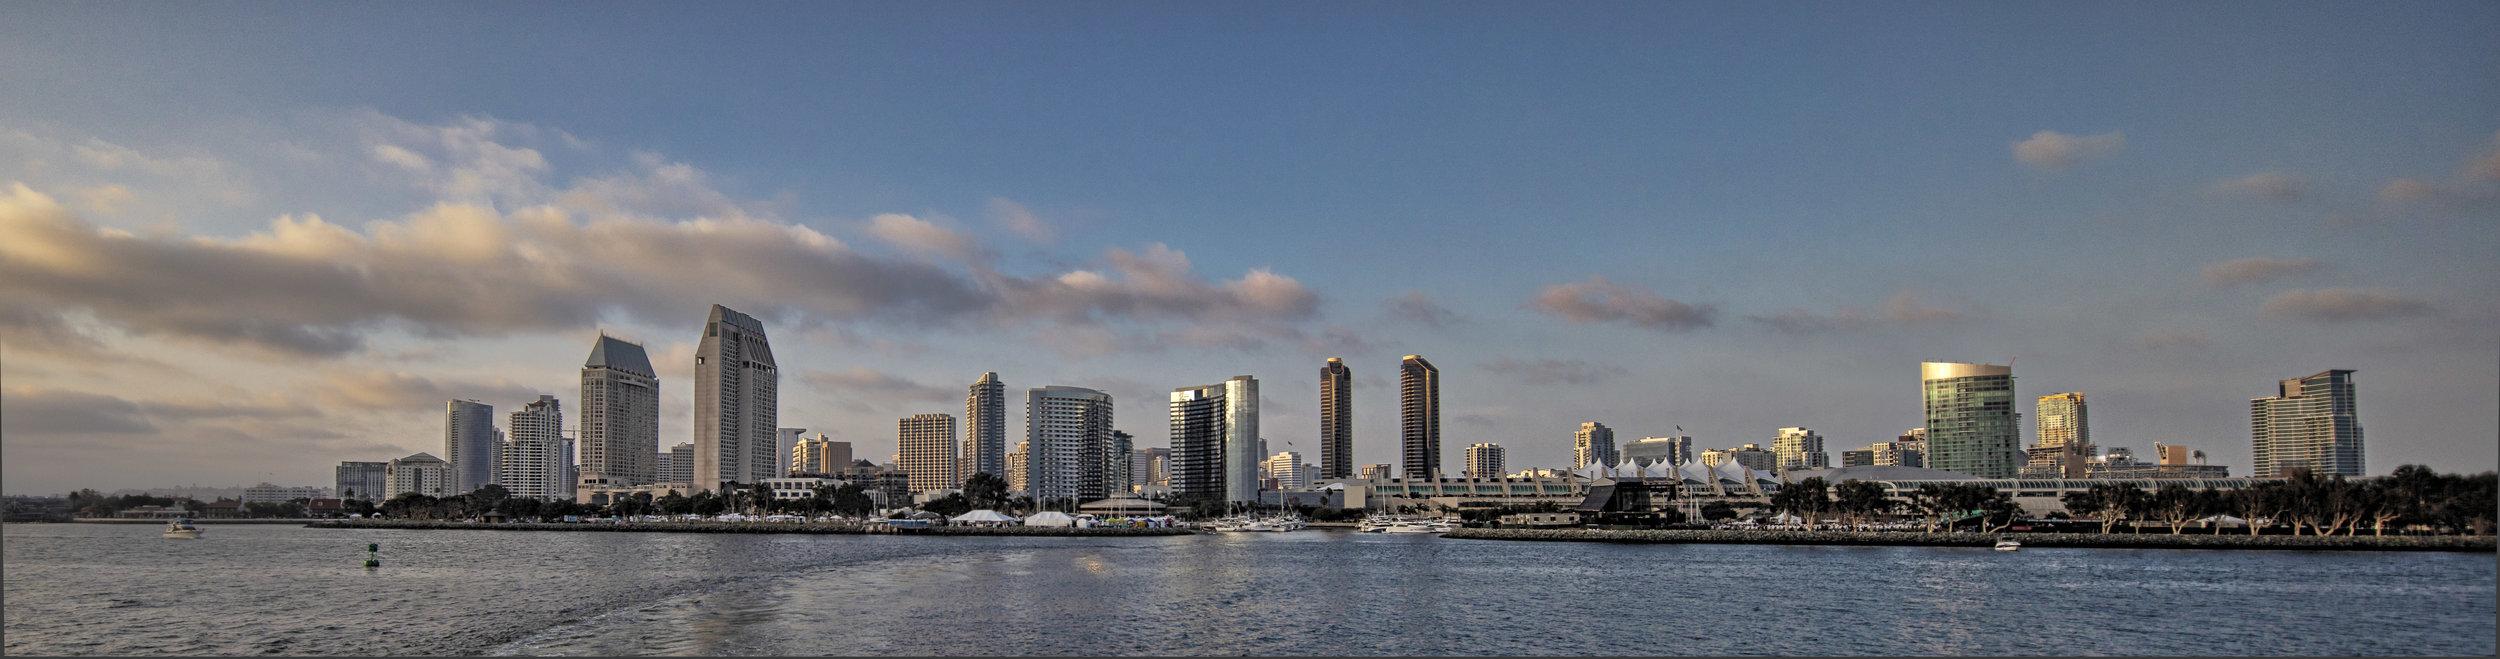 San Diego7.jpg